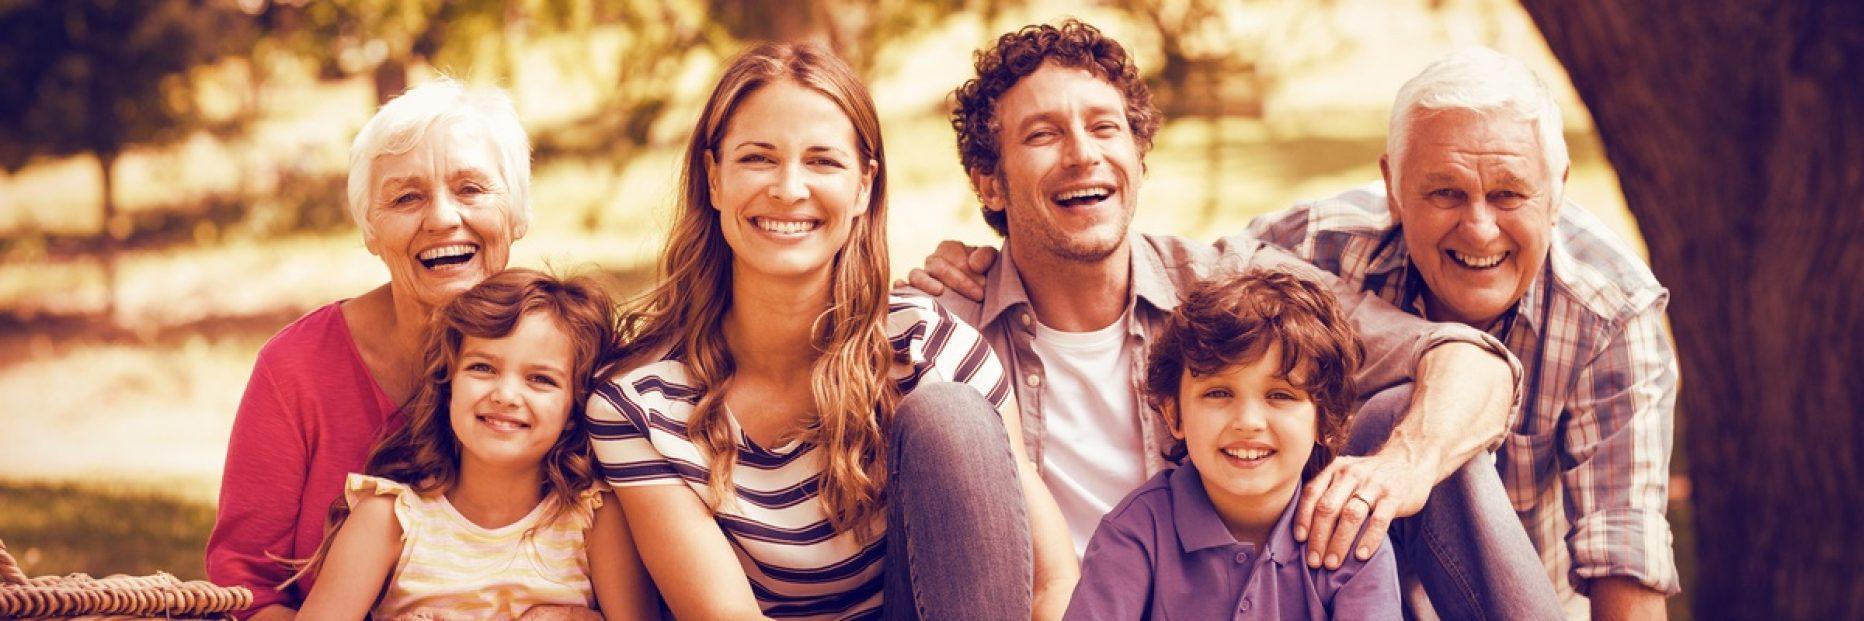 SENOLITYKI i obietnica dłuższego życia